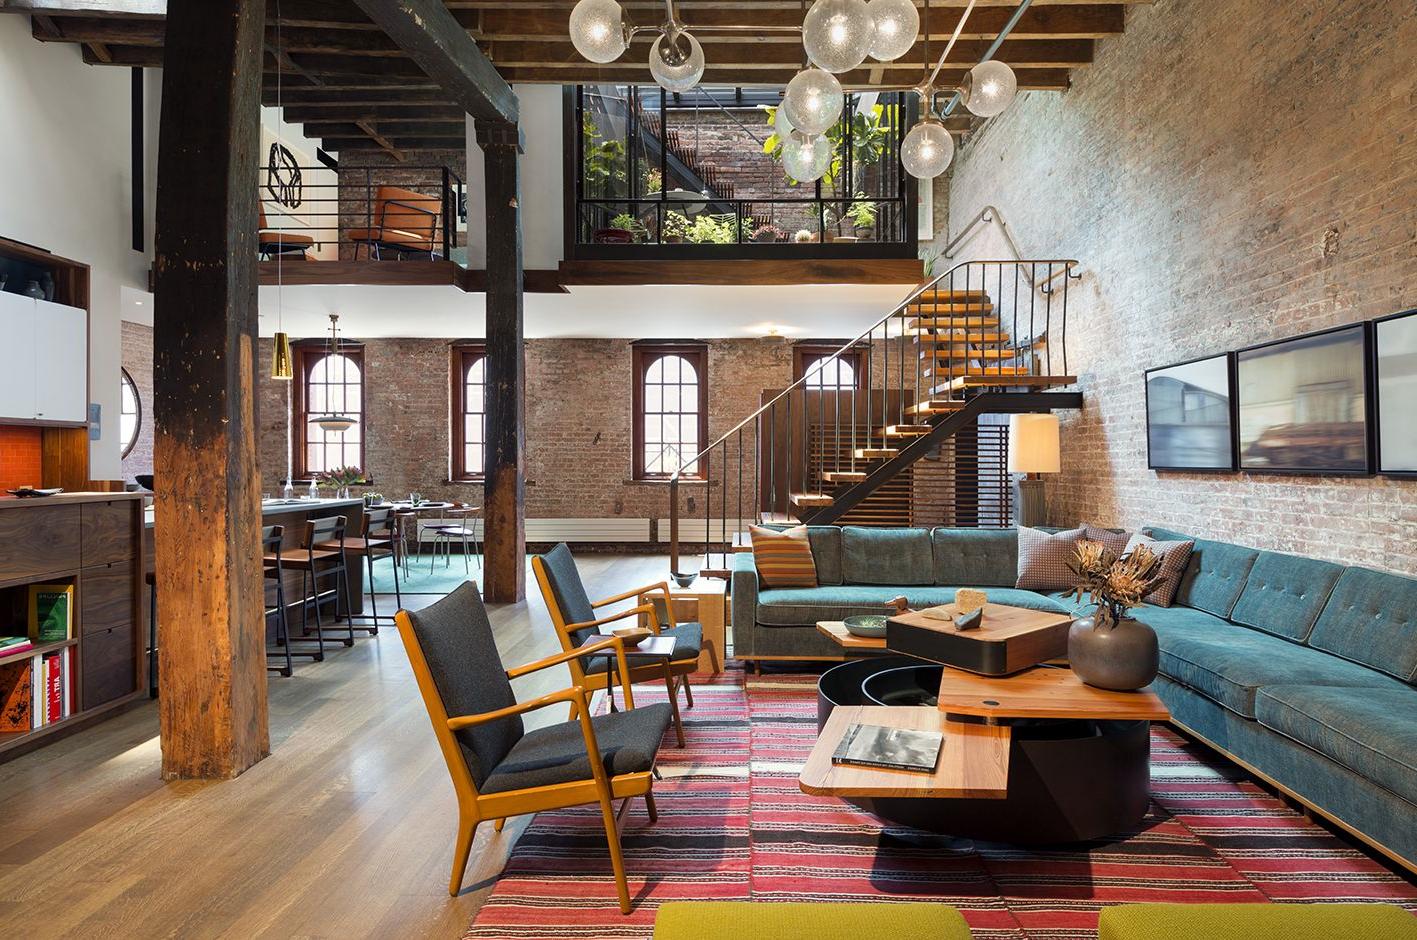 Intérieur de maison de style loft